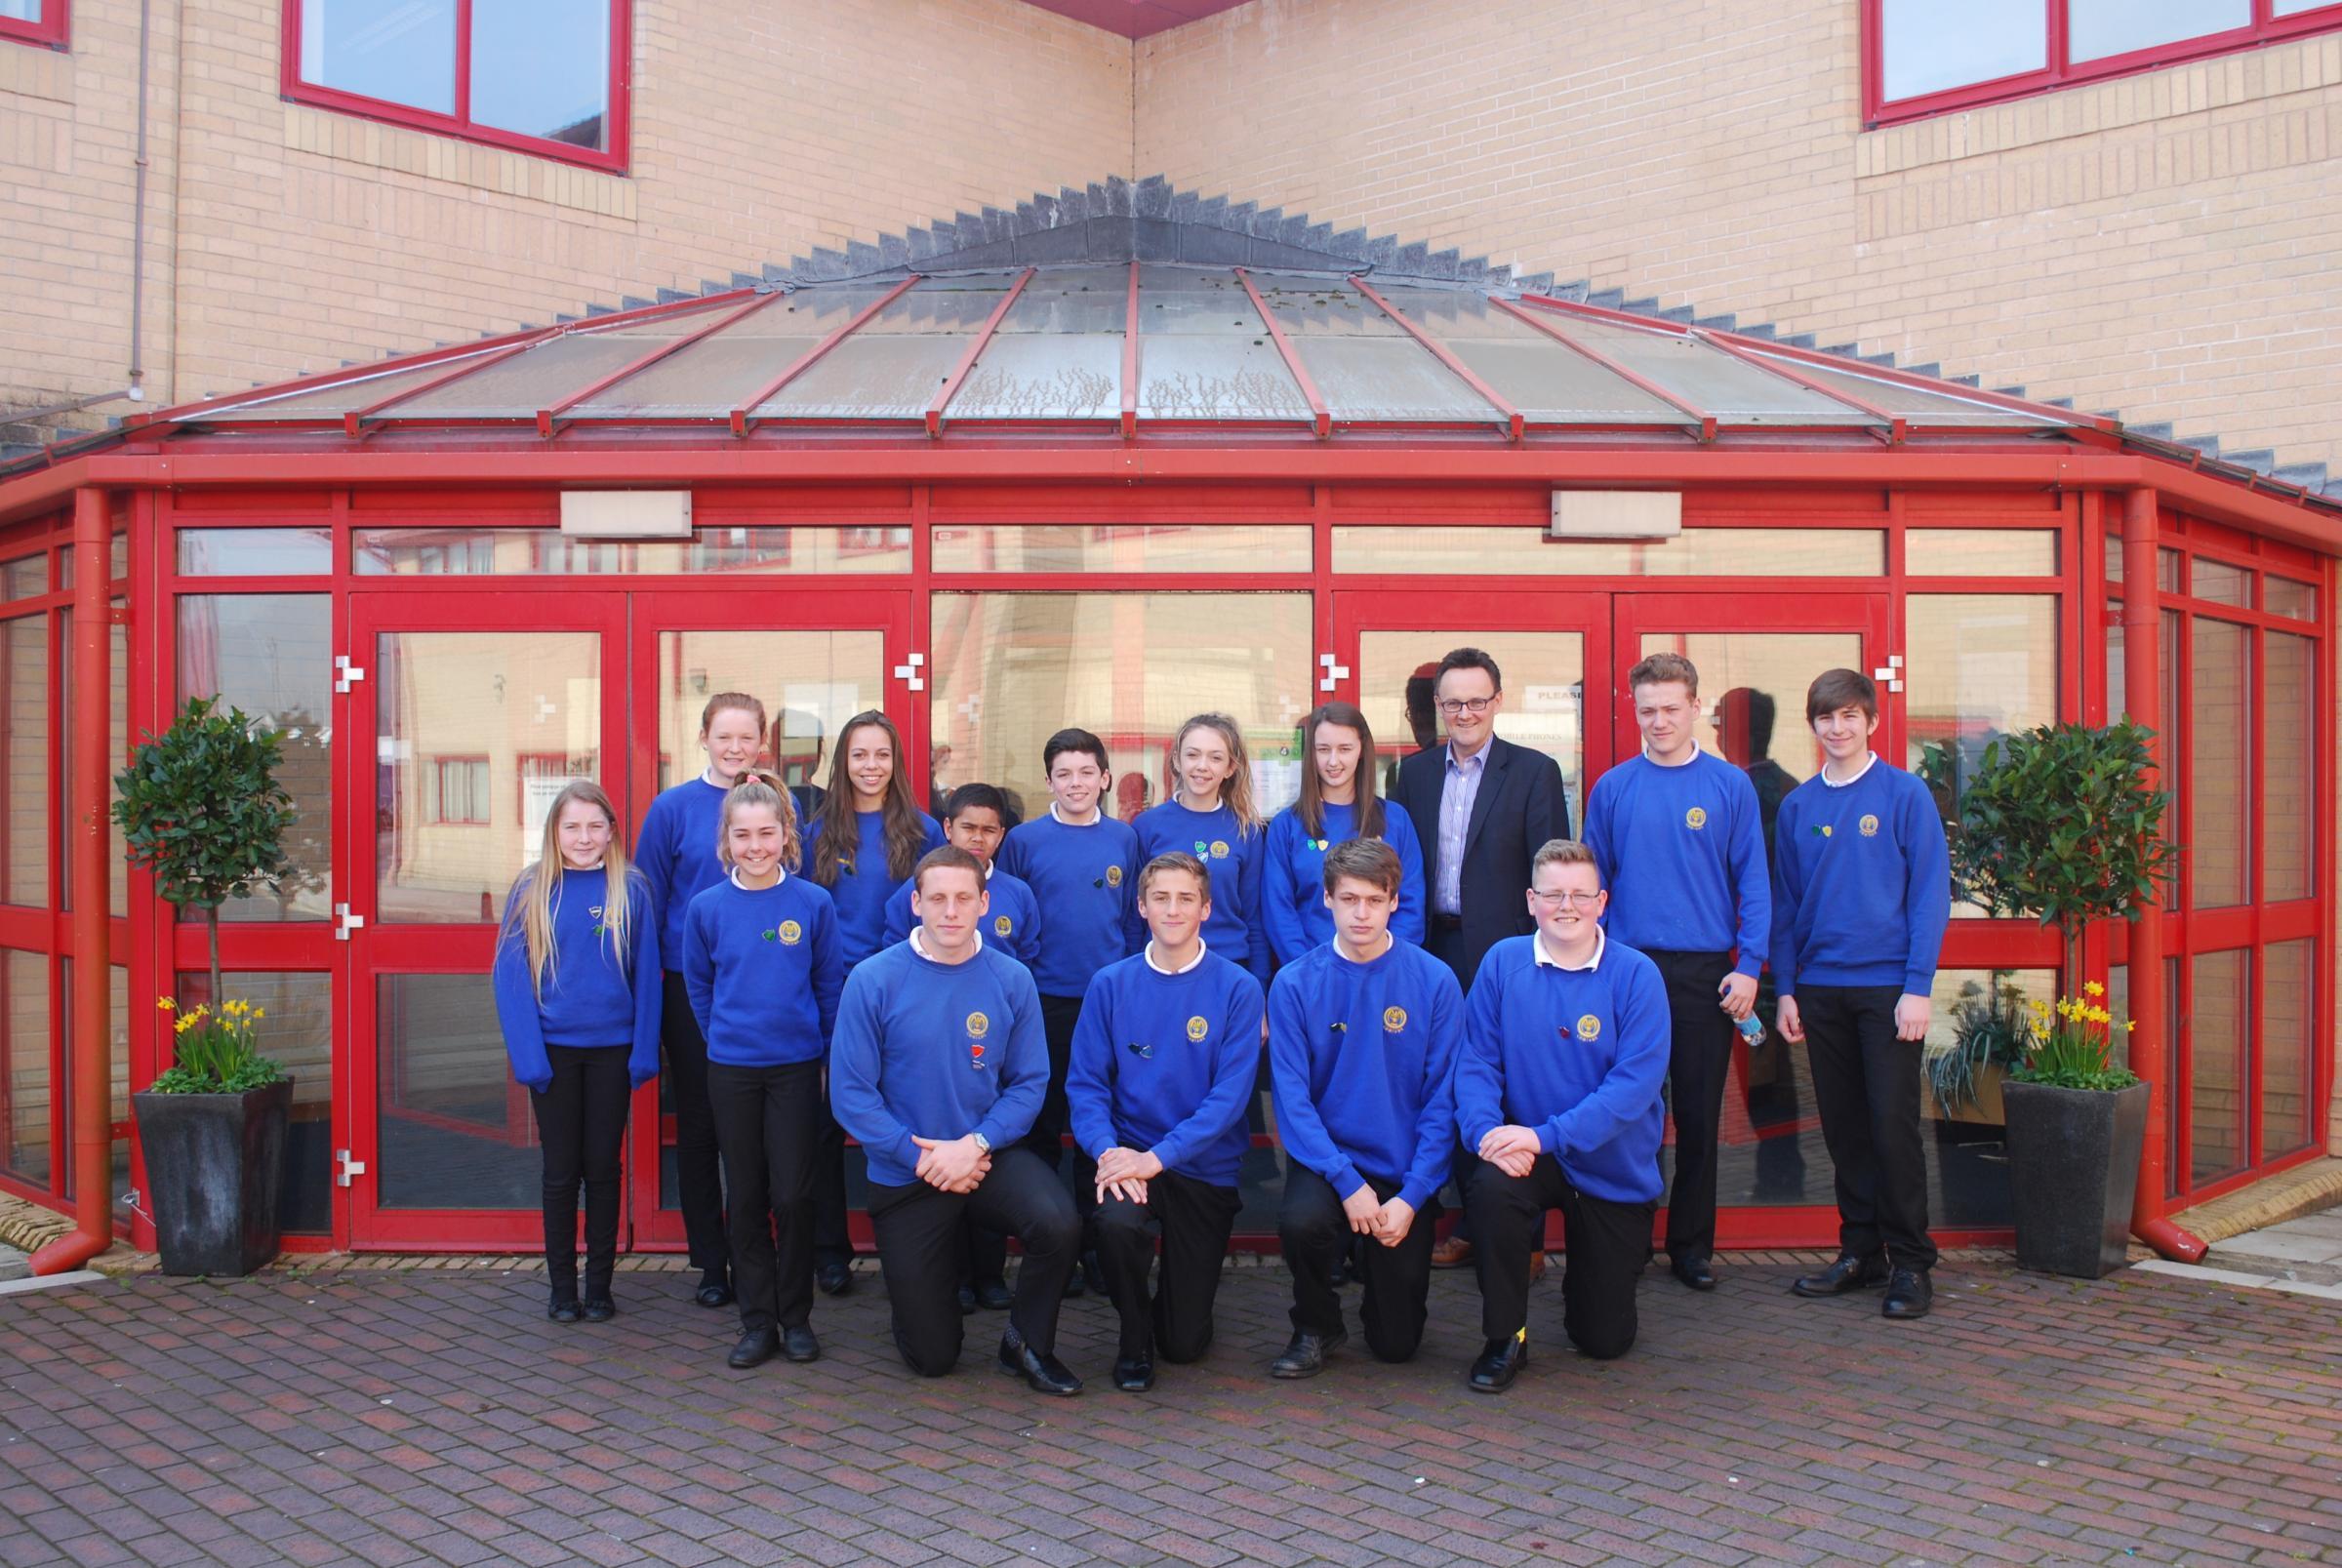 Cwmtawe School